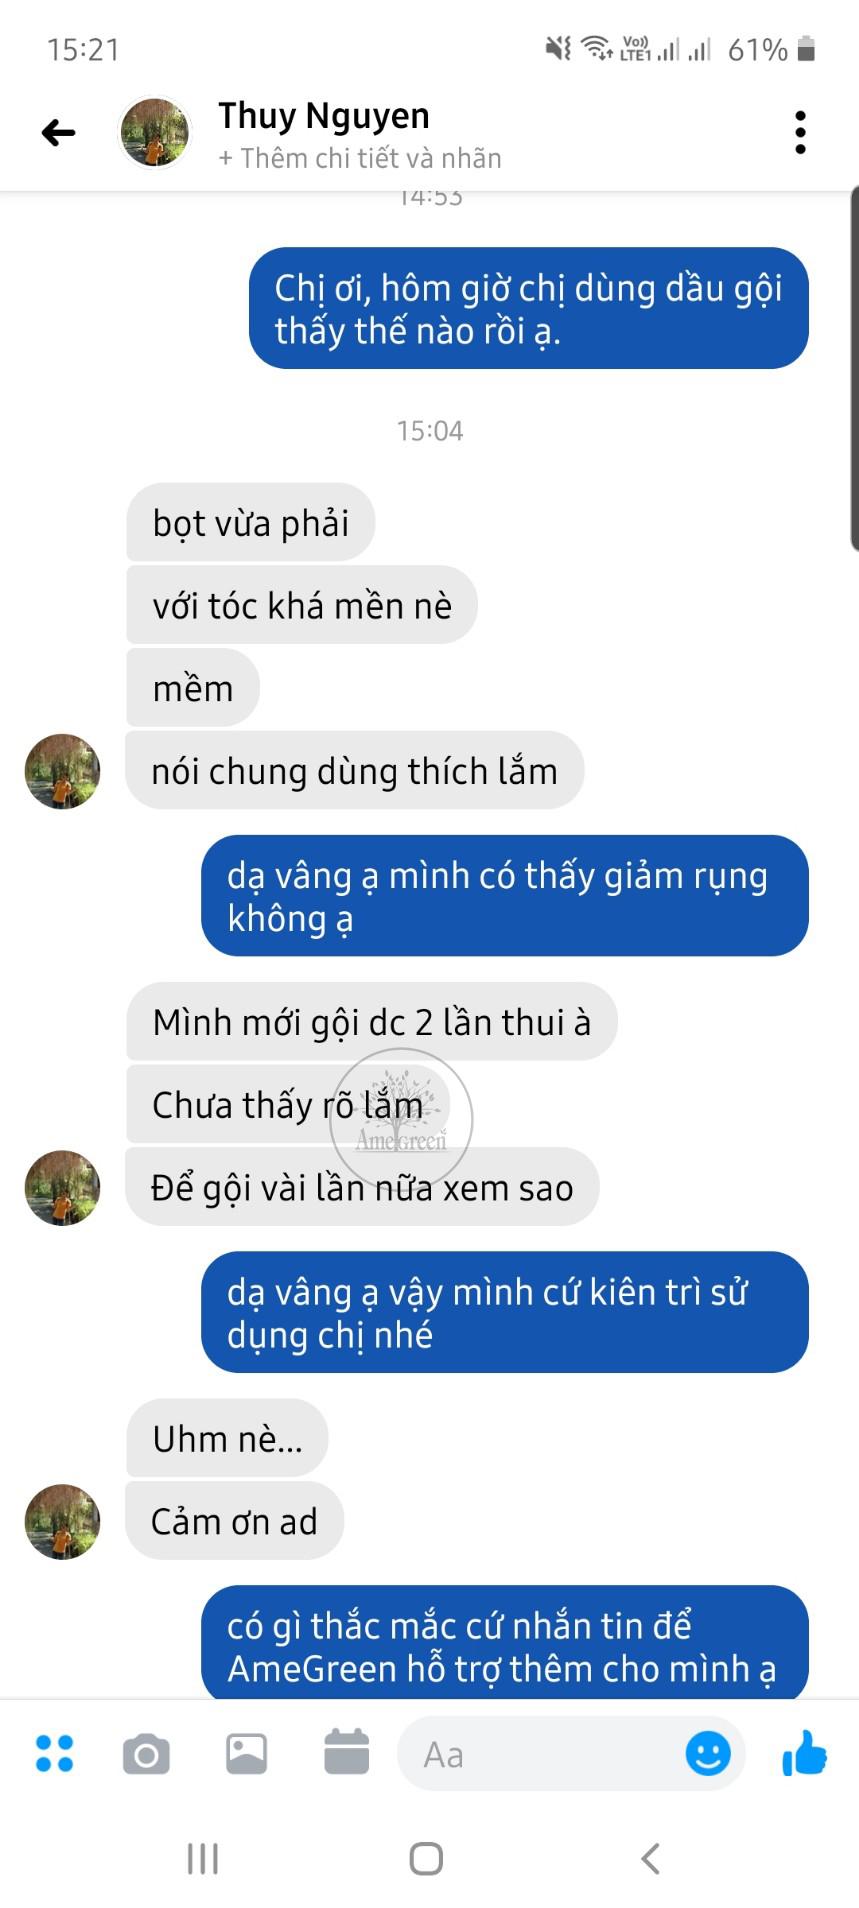 Thúy Nguyễn nói về dầu gội bưởi AmeGreen